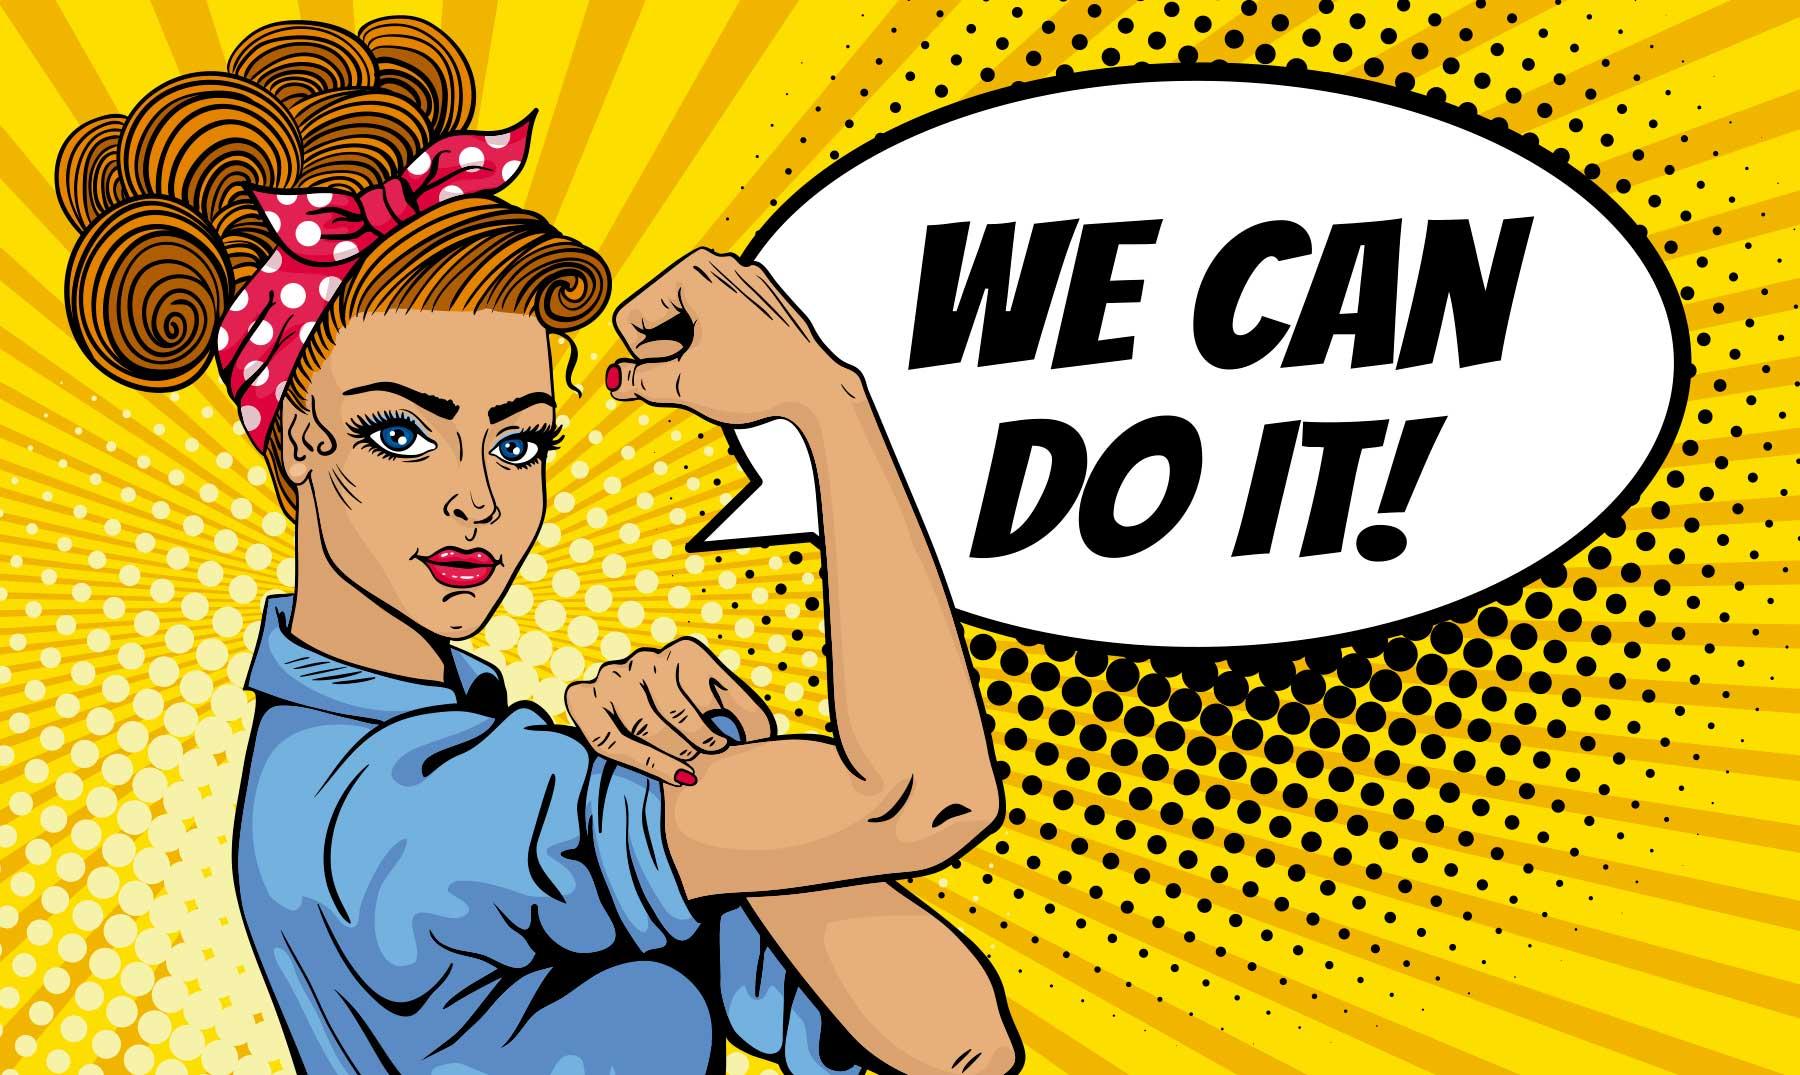 75 Frases Para El Día De La Mujer Lucha Por La Igualdad Con Imágenes